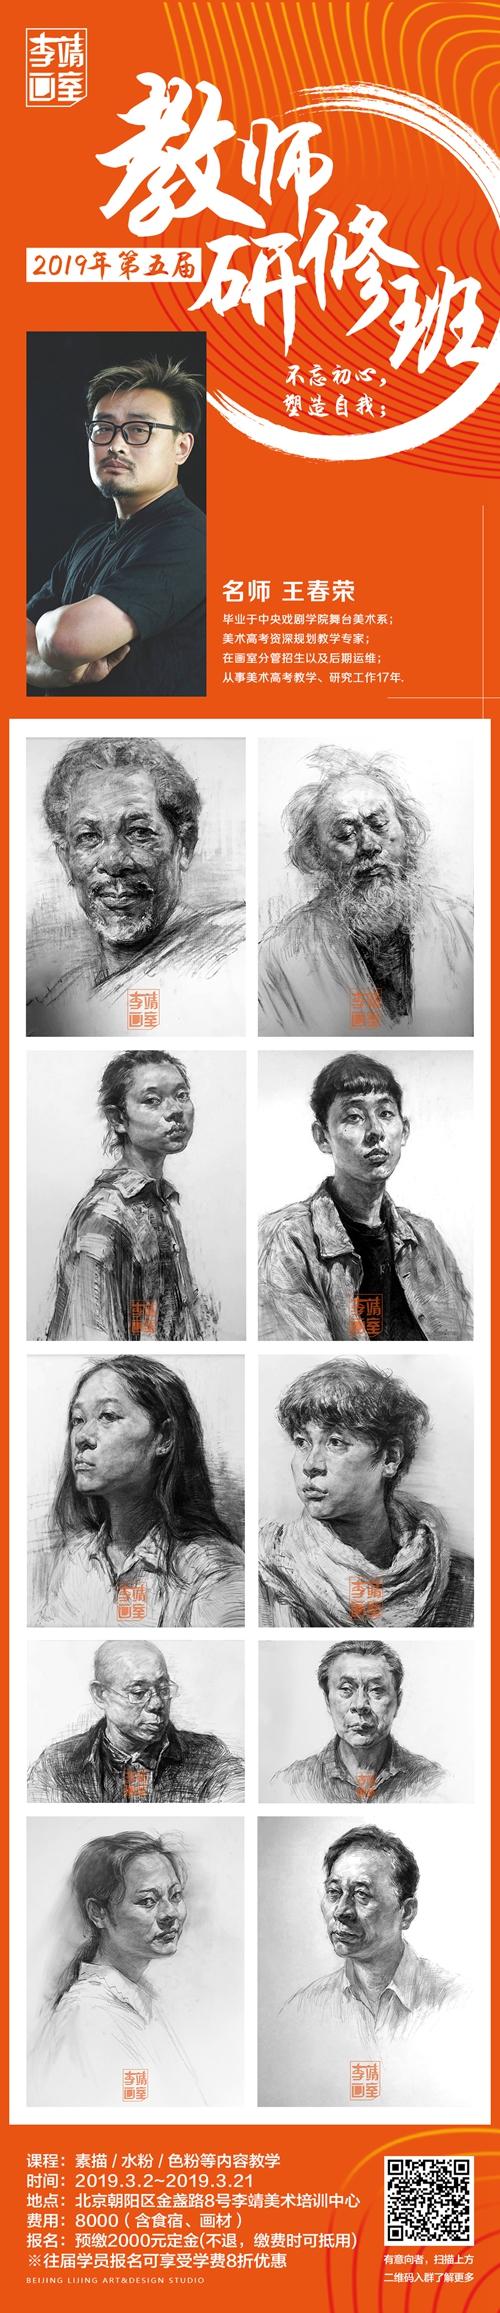 2019年李靖画室第五届教师研修班来袭!还在等什么?4